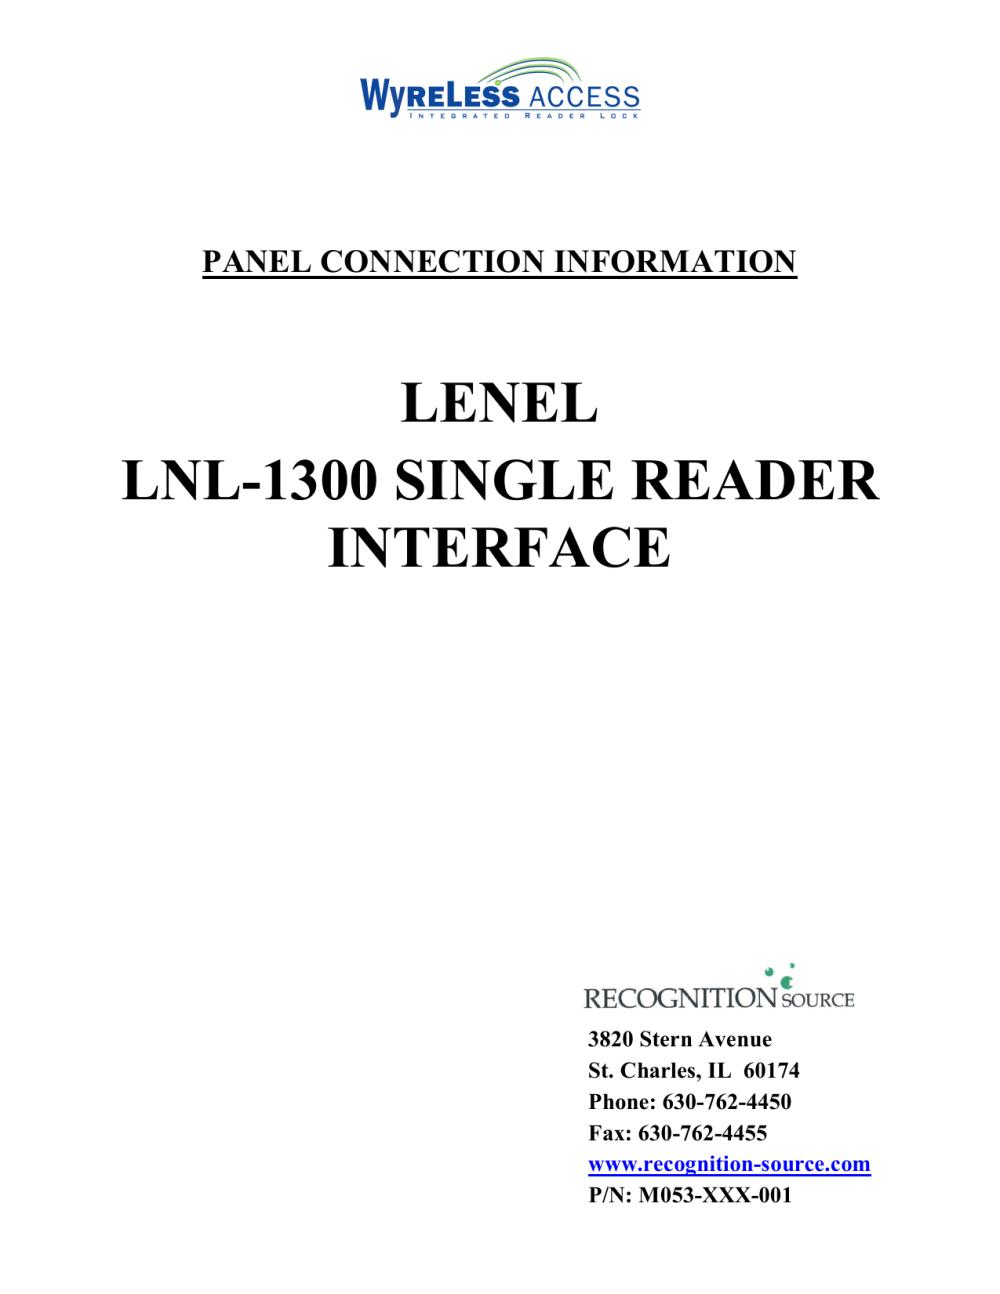 medium resolution of lenel lnl 1300 single reader interface